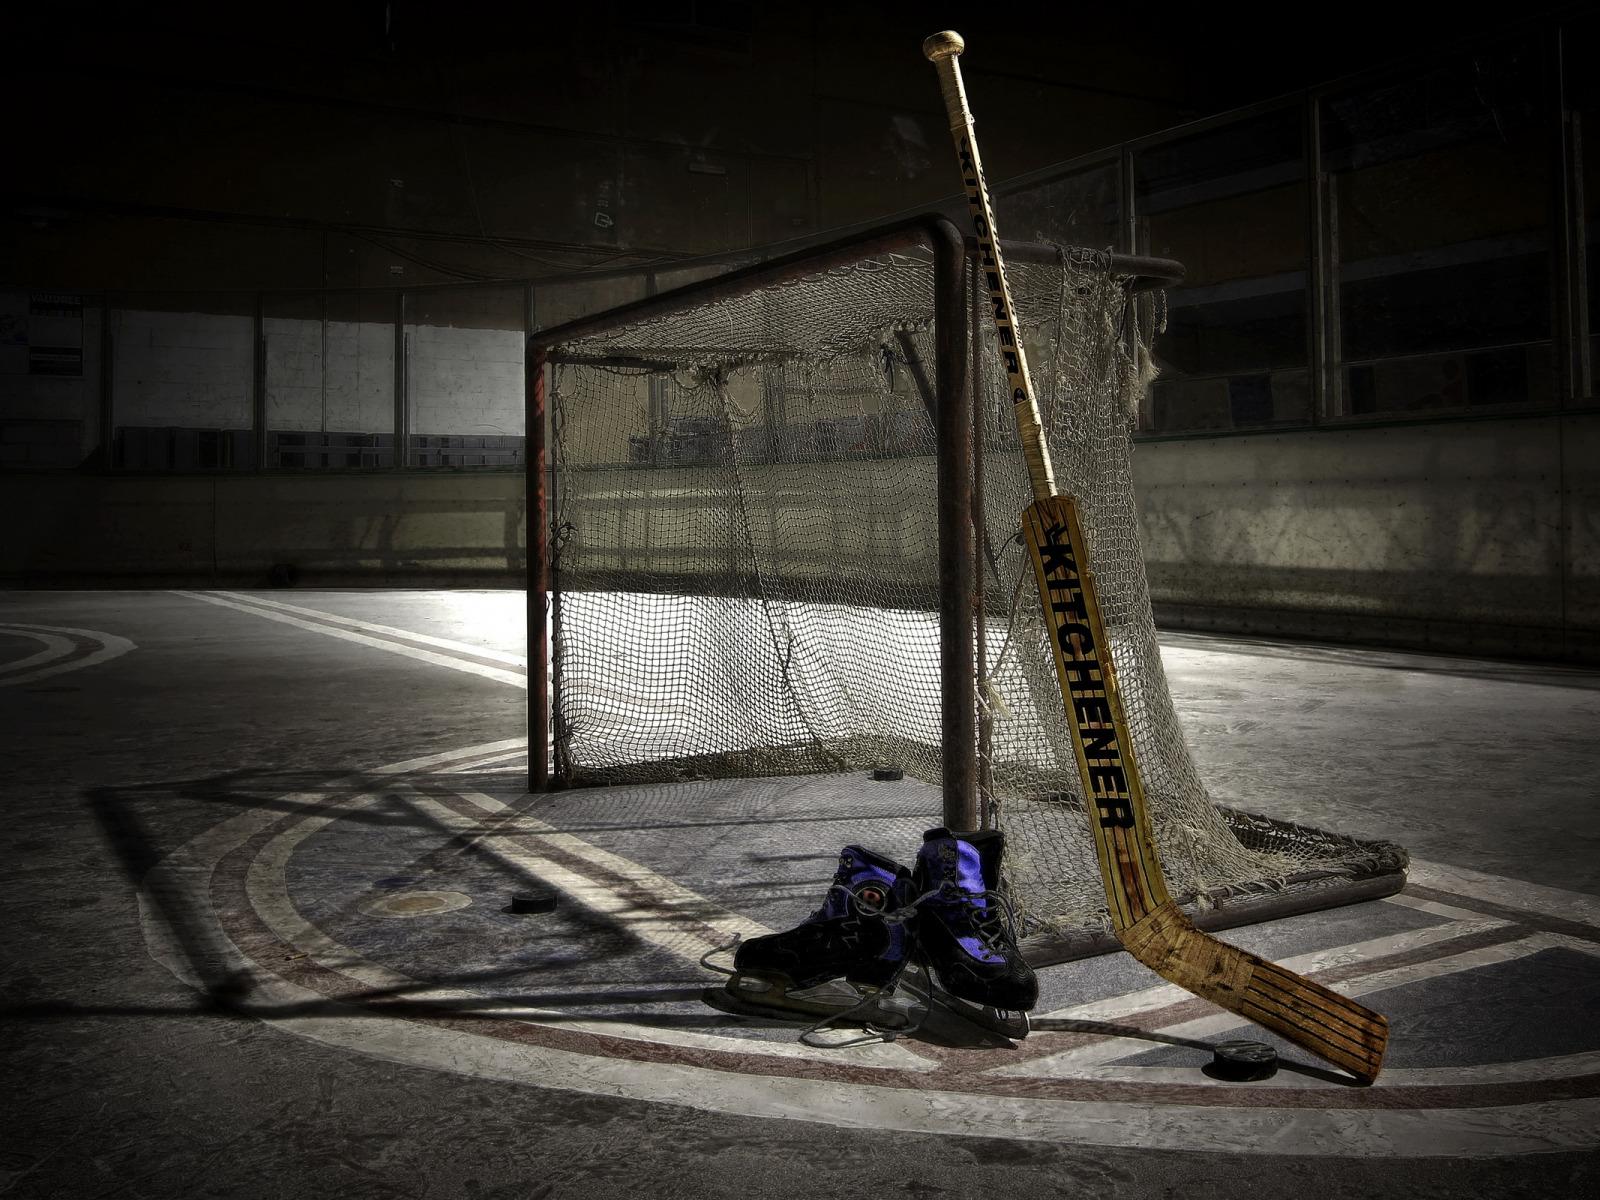 хоккей картинки высокое разрешение оборудования это